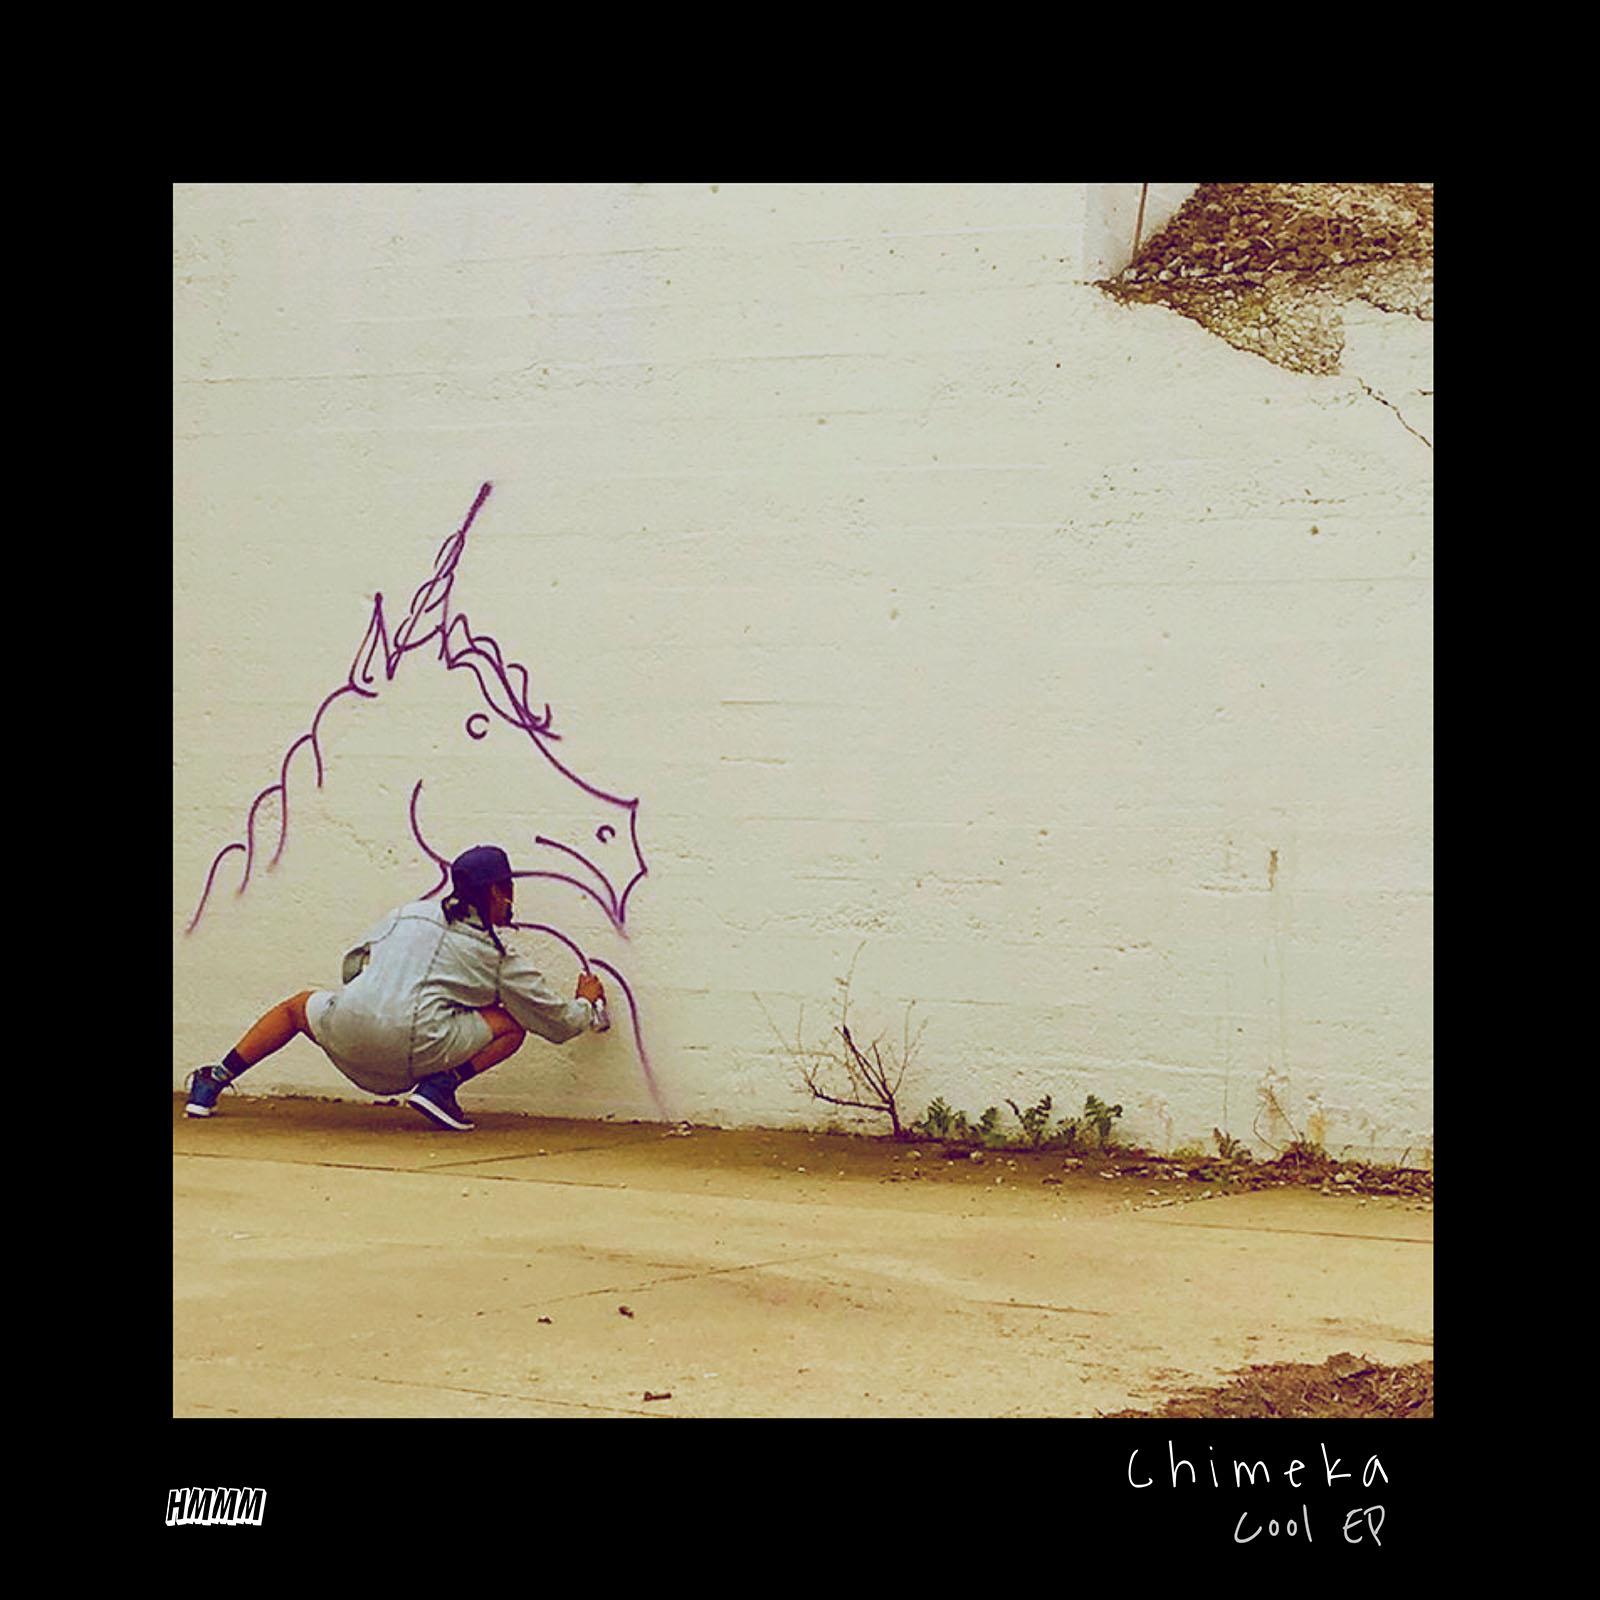 Chimeka Cool EP Cover